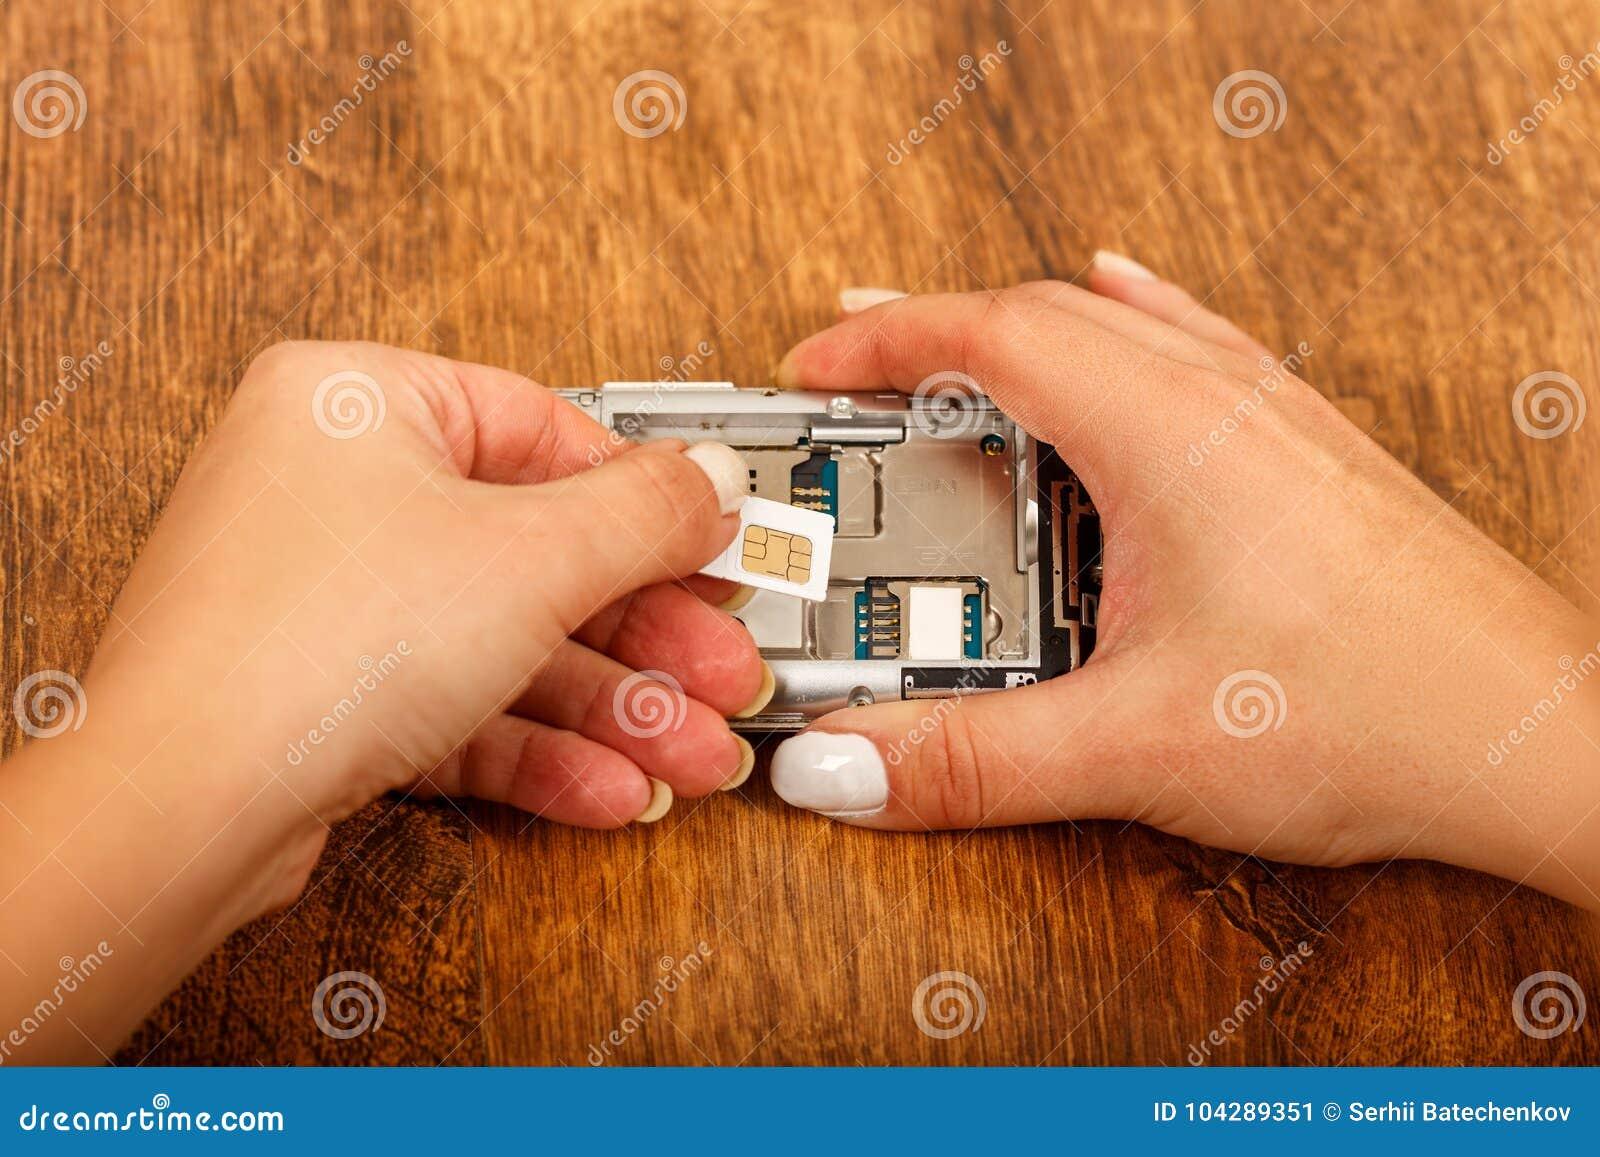 Cambio de la tarjeta de SIM en un smartphone